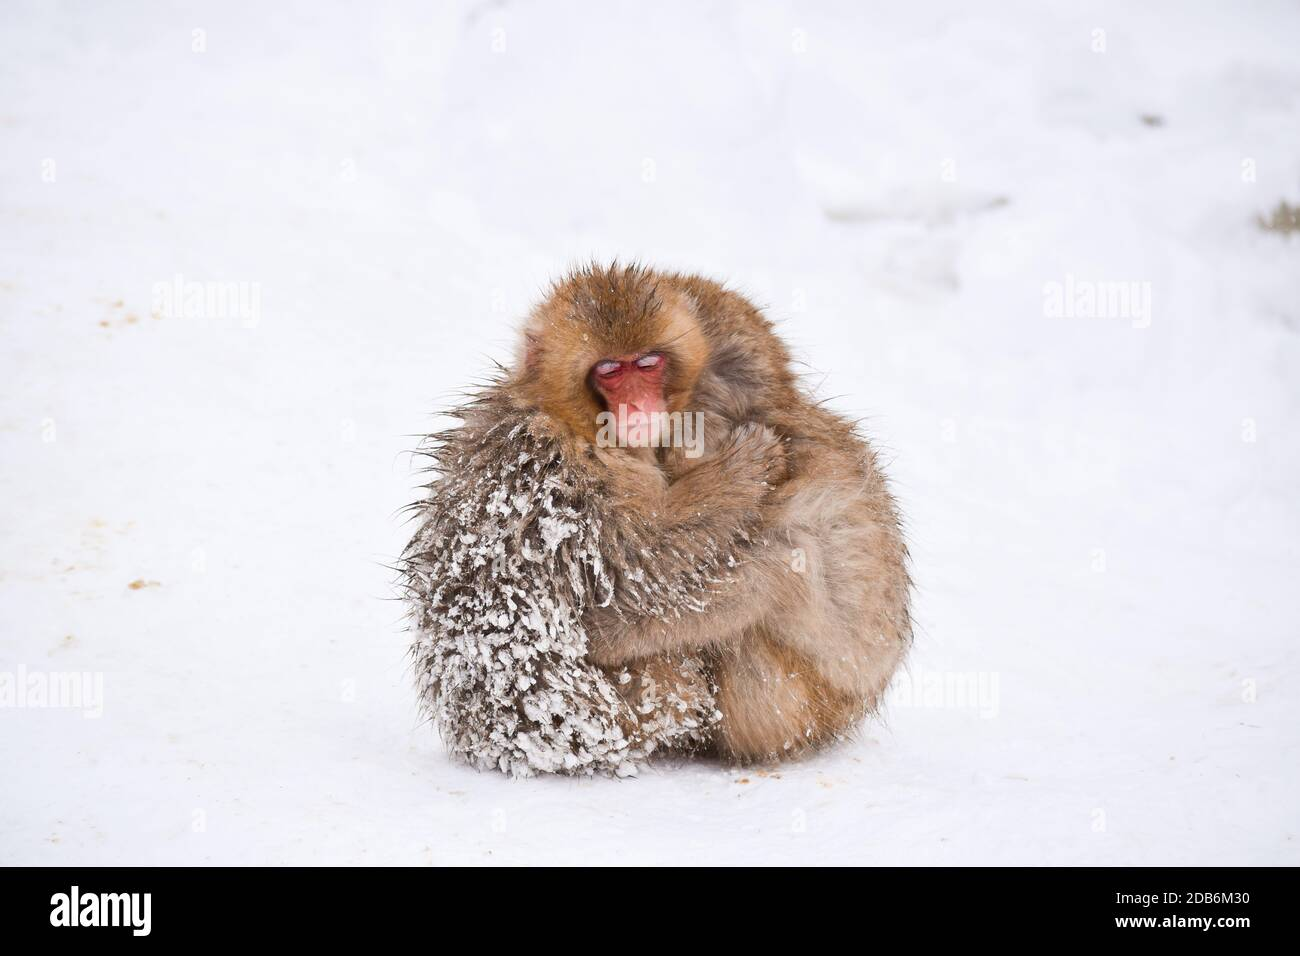 dos monos de la nieve del bebé marrón lindo abrazándose y resguardo el uno al otro de la nieve fría con hielo en su piel en invierno. Animales salvajes mostrando amor Foto de stock